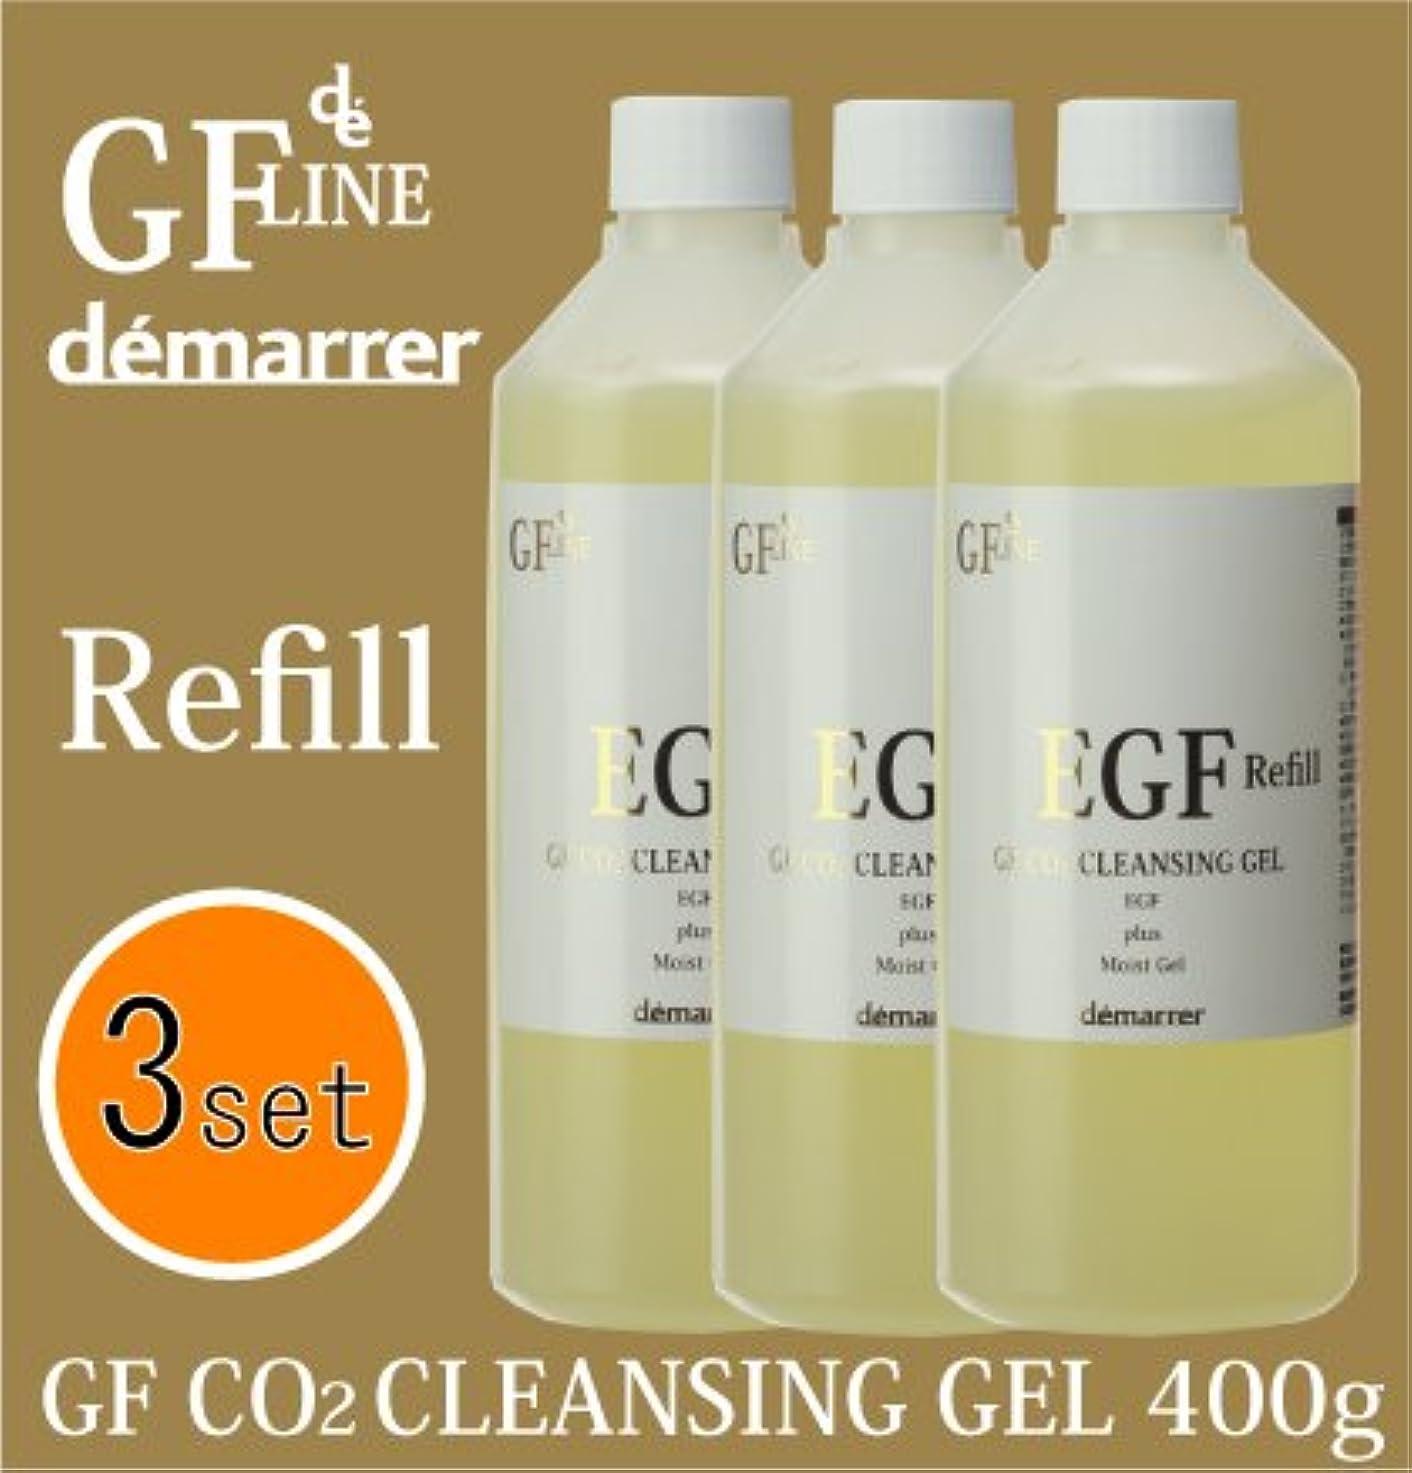 ミシン合わせて投獄デマレ GF 炭酸洗顔クレンジン 400g レフィル 詰替用 3本セット